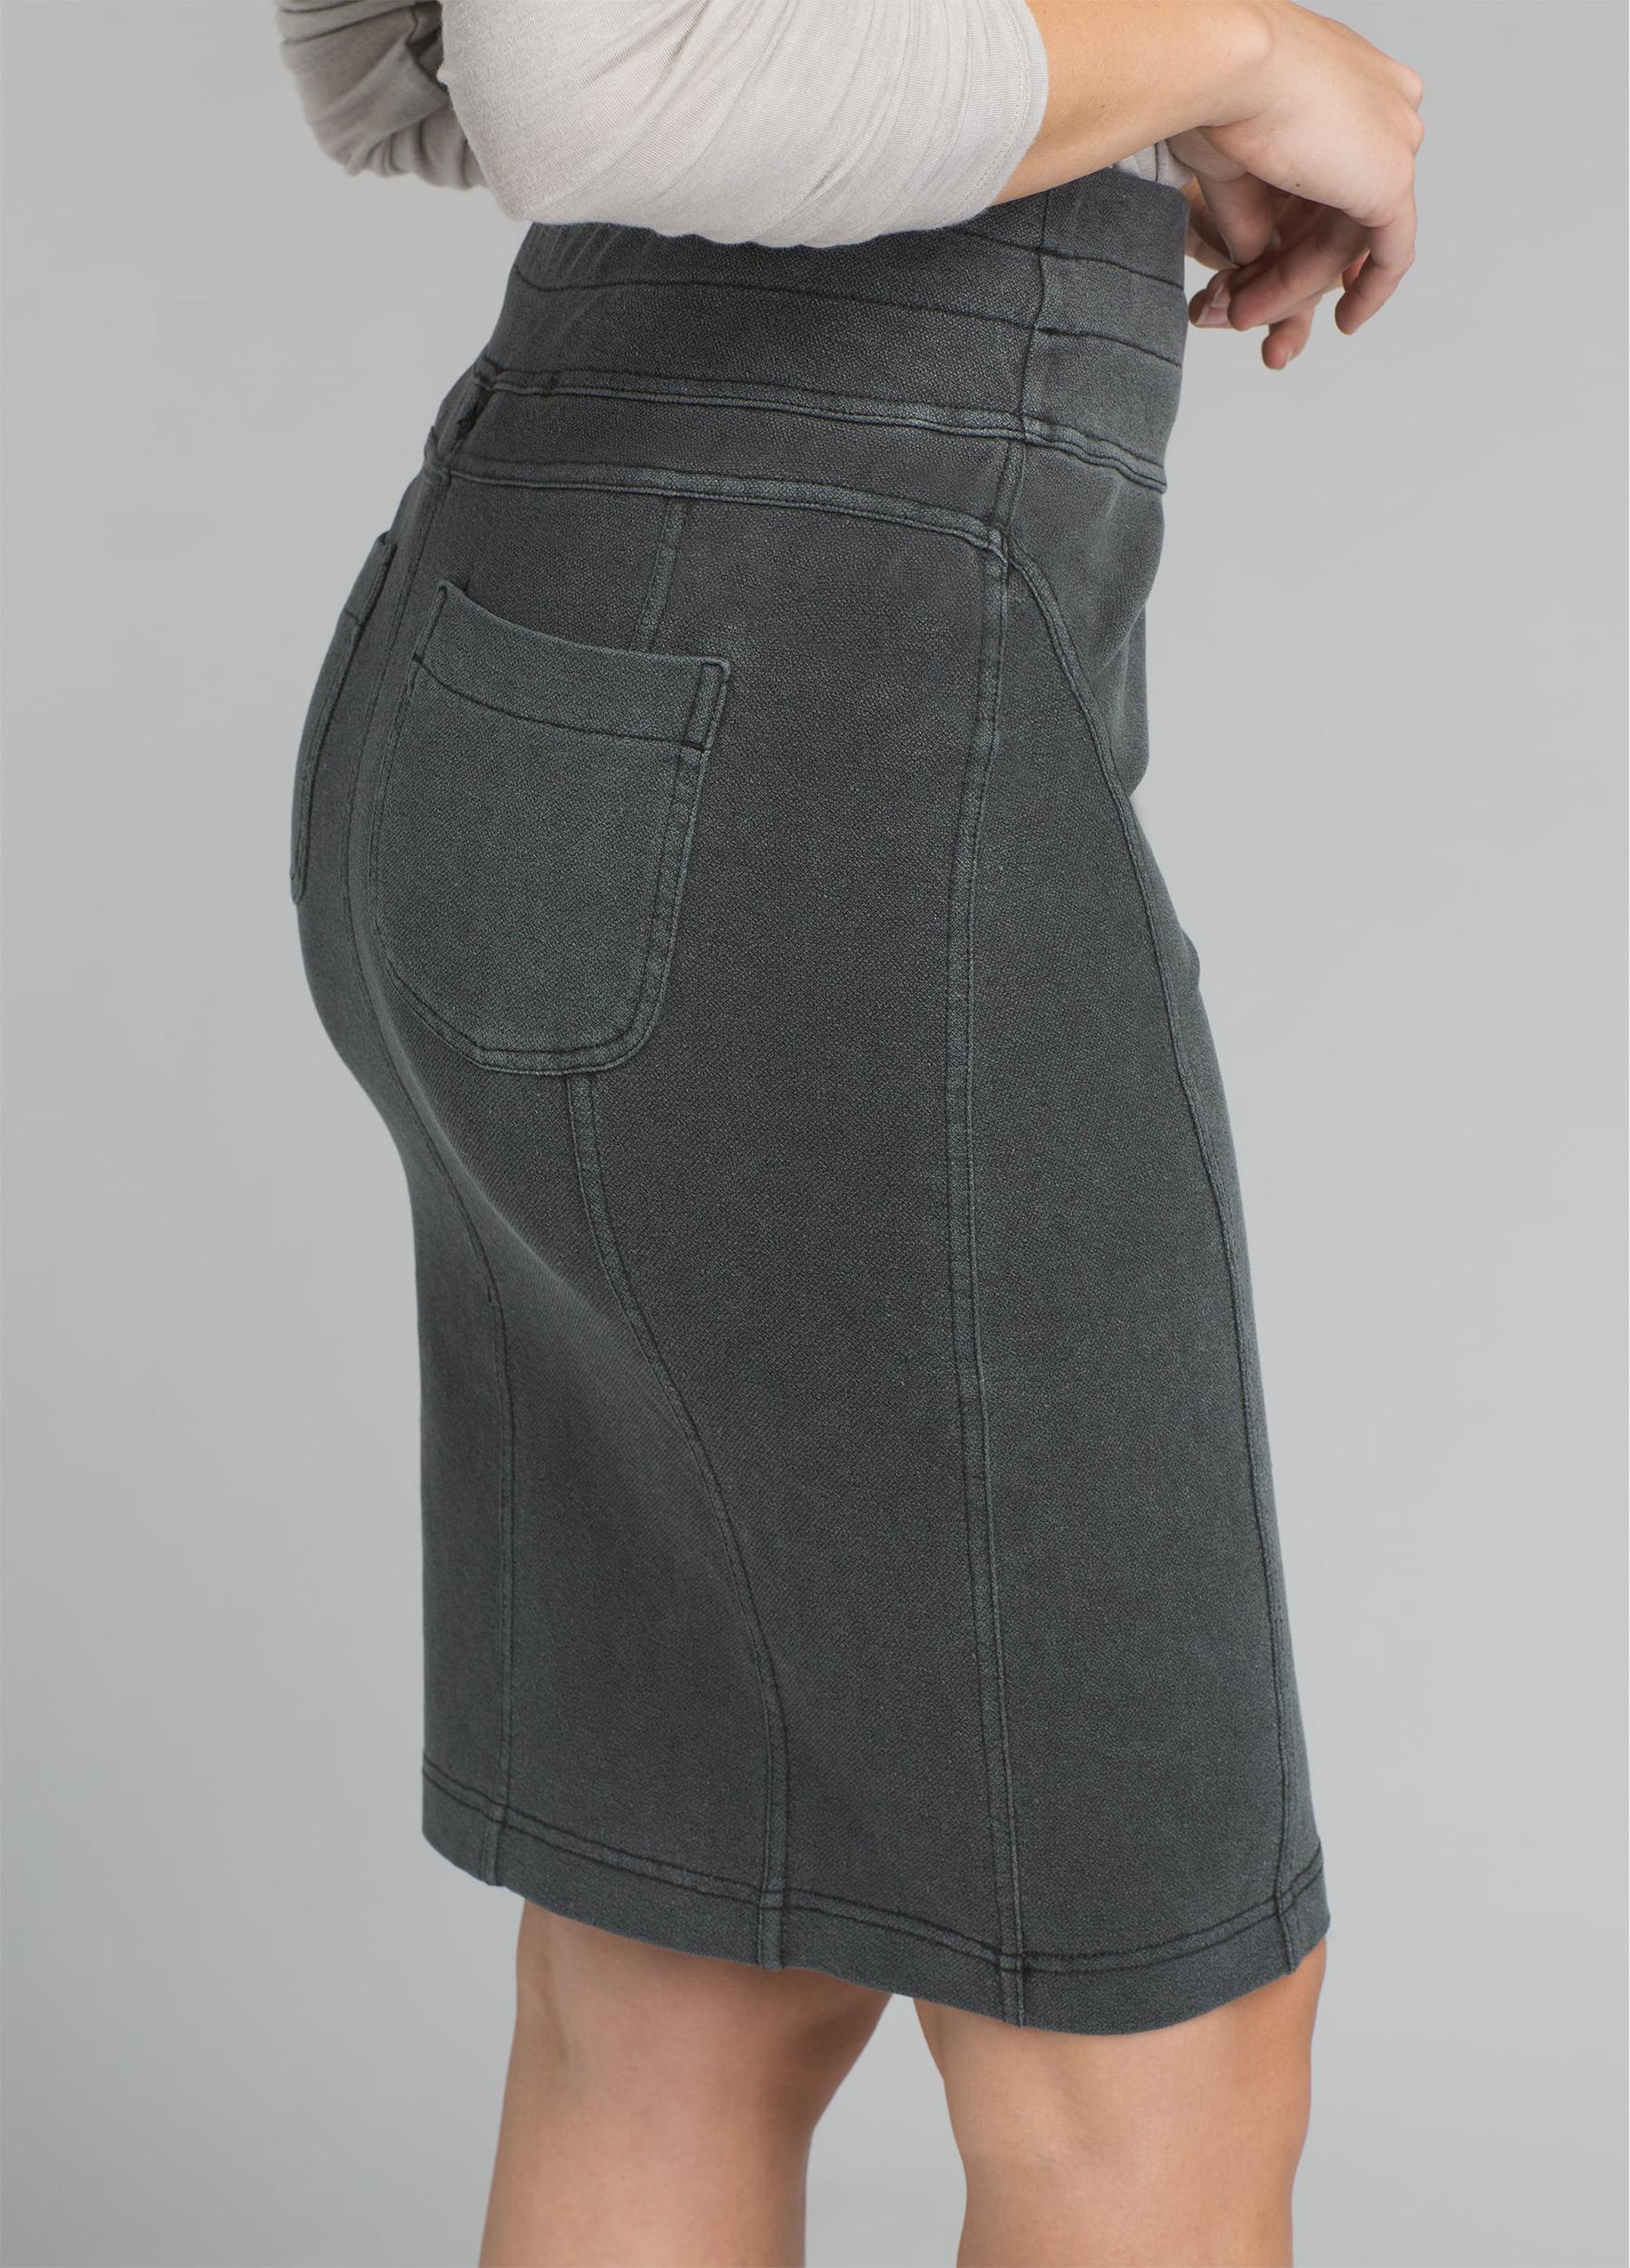 3c68aff03b Prana Beaker Skirt - Women's | MEC